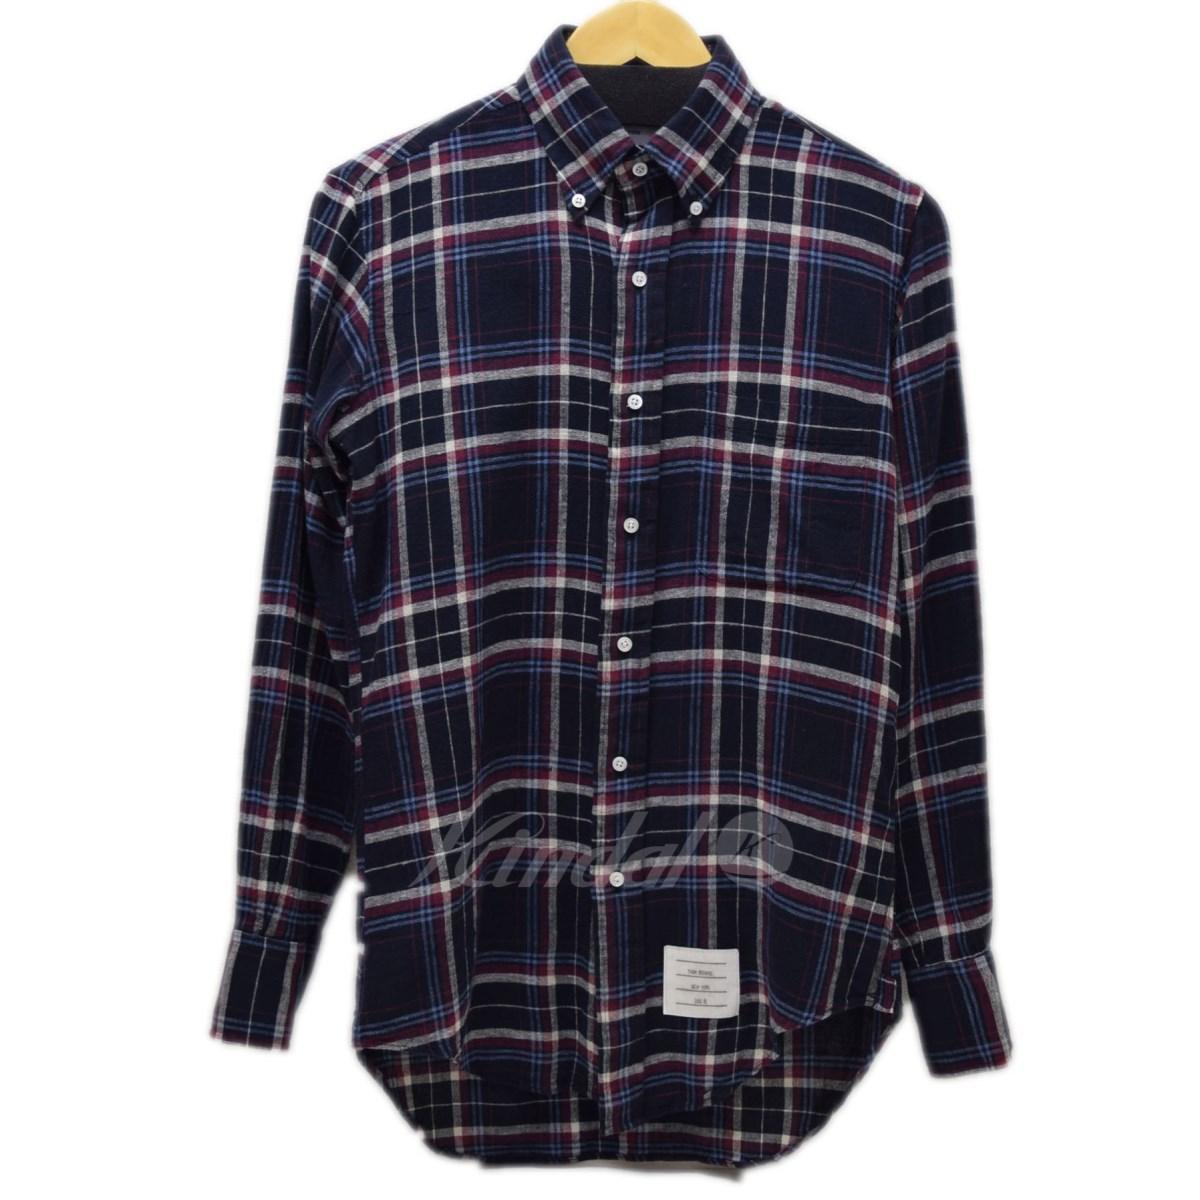 【中古】THOM BROWNE ボタンダウンチェックシャツ 【送料無料】 【008404】 【KIND1641】